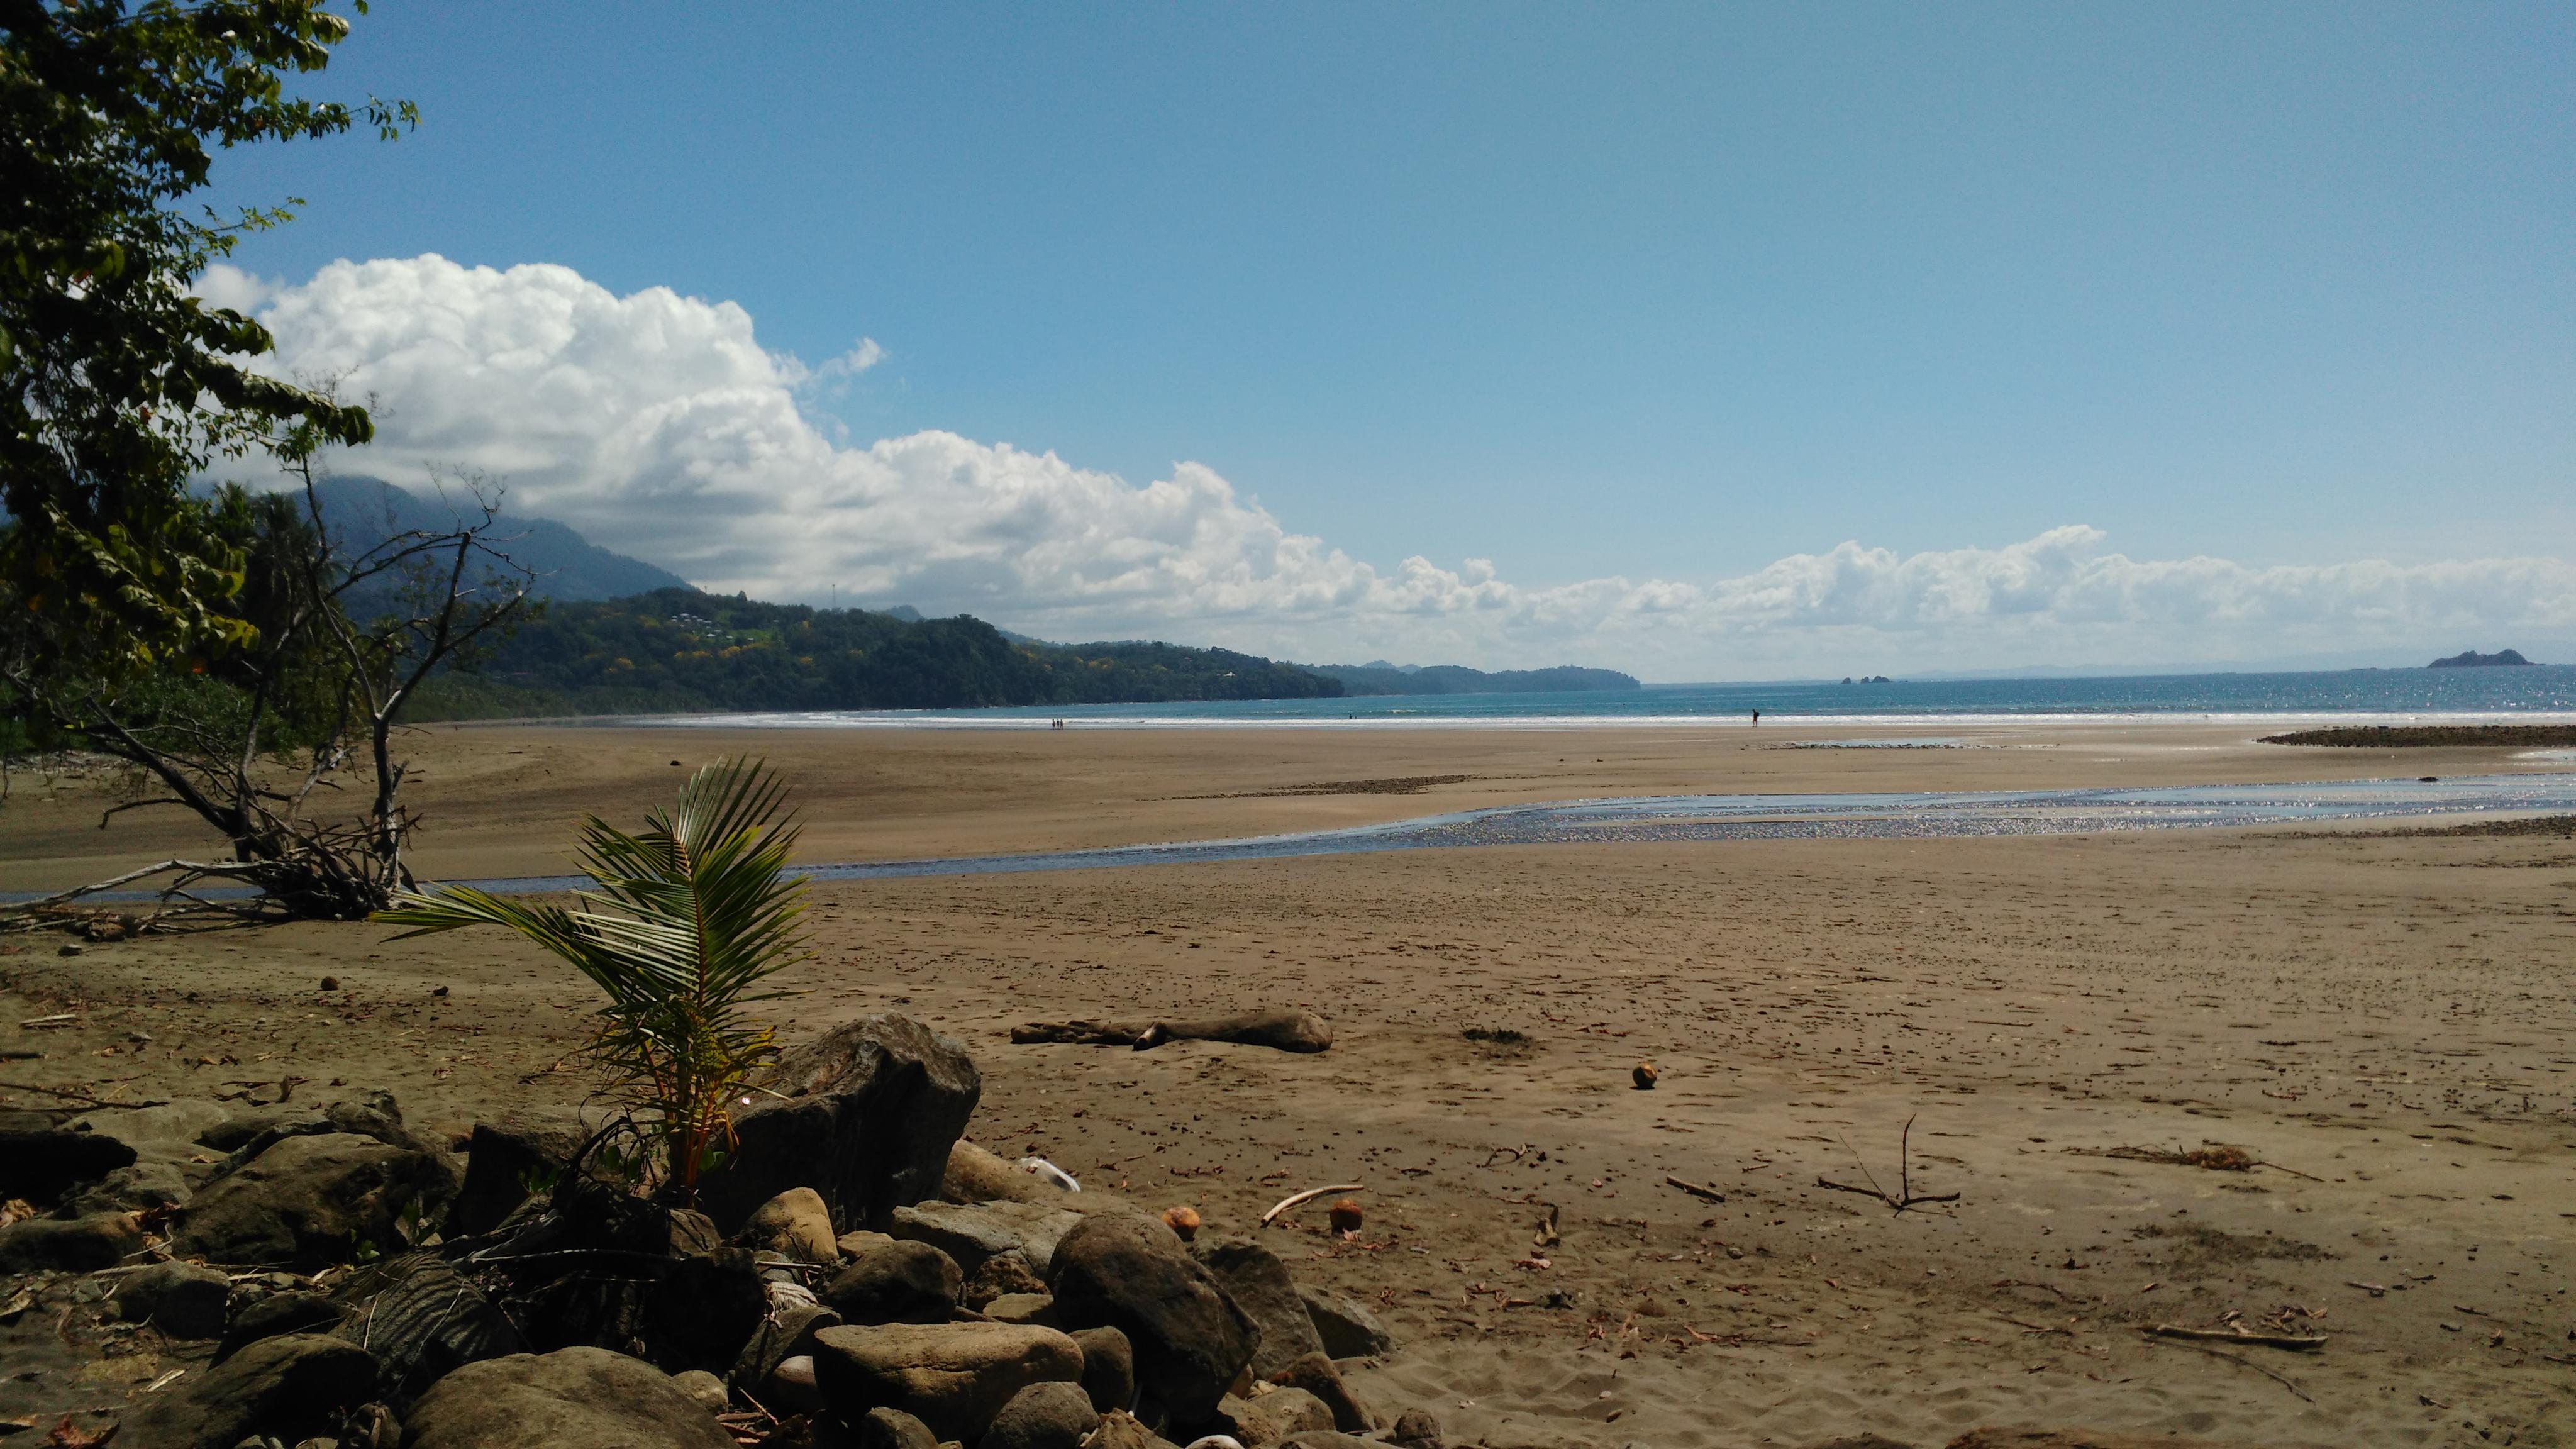 Costa Rica, tu m'inspires!